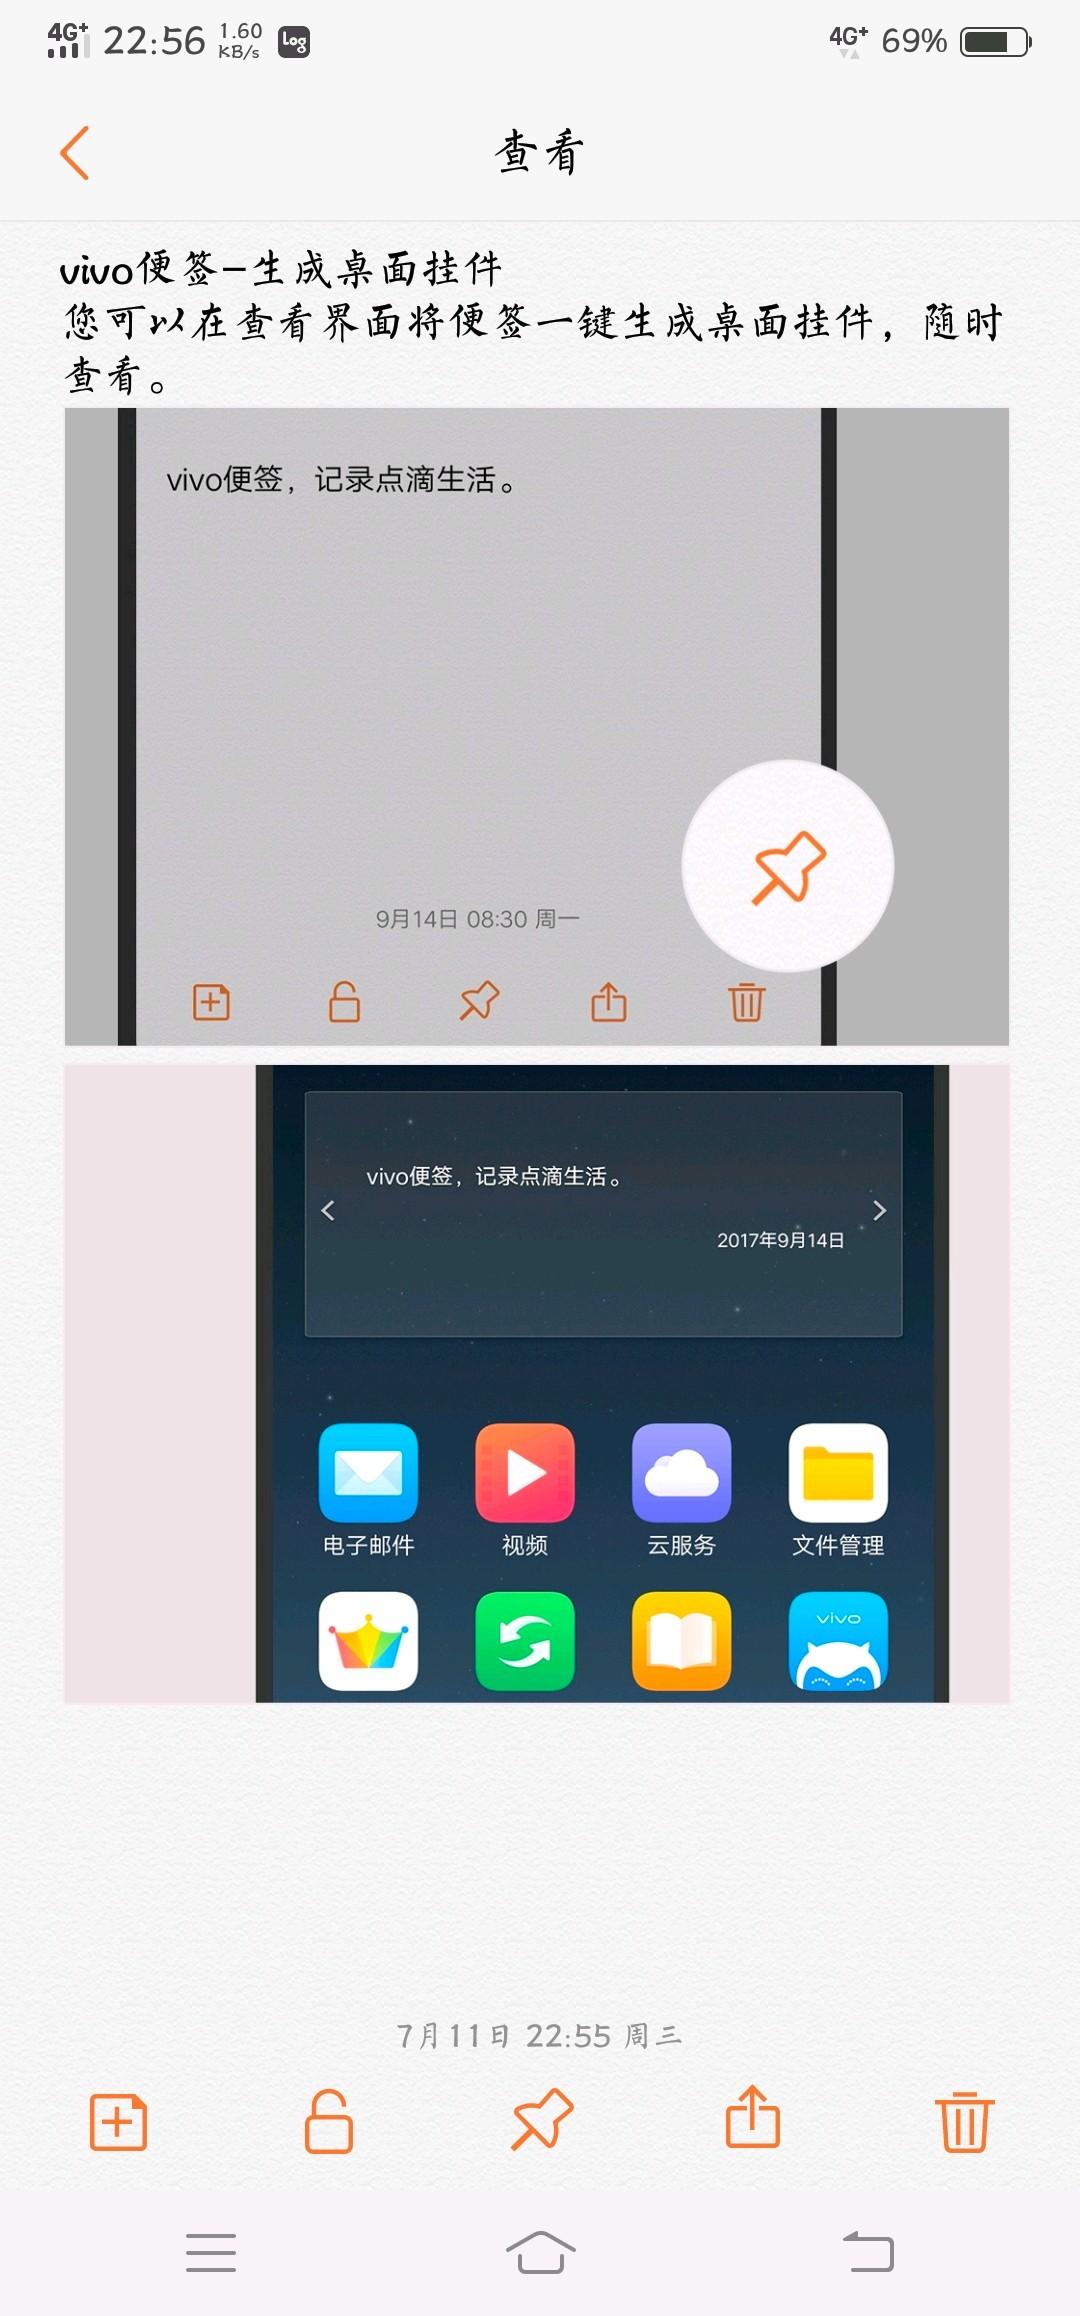 Screenshot_20180711_225614.jpg